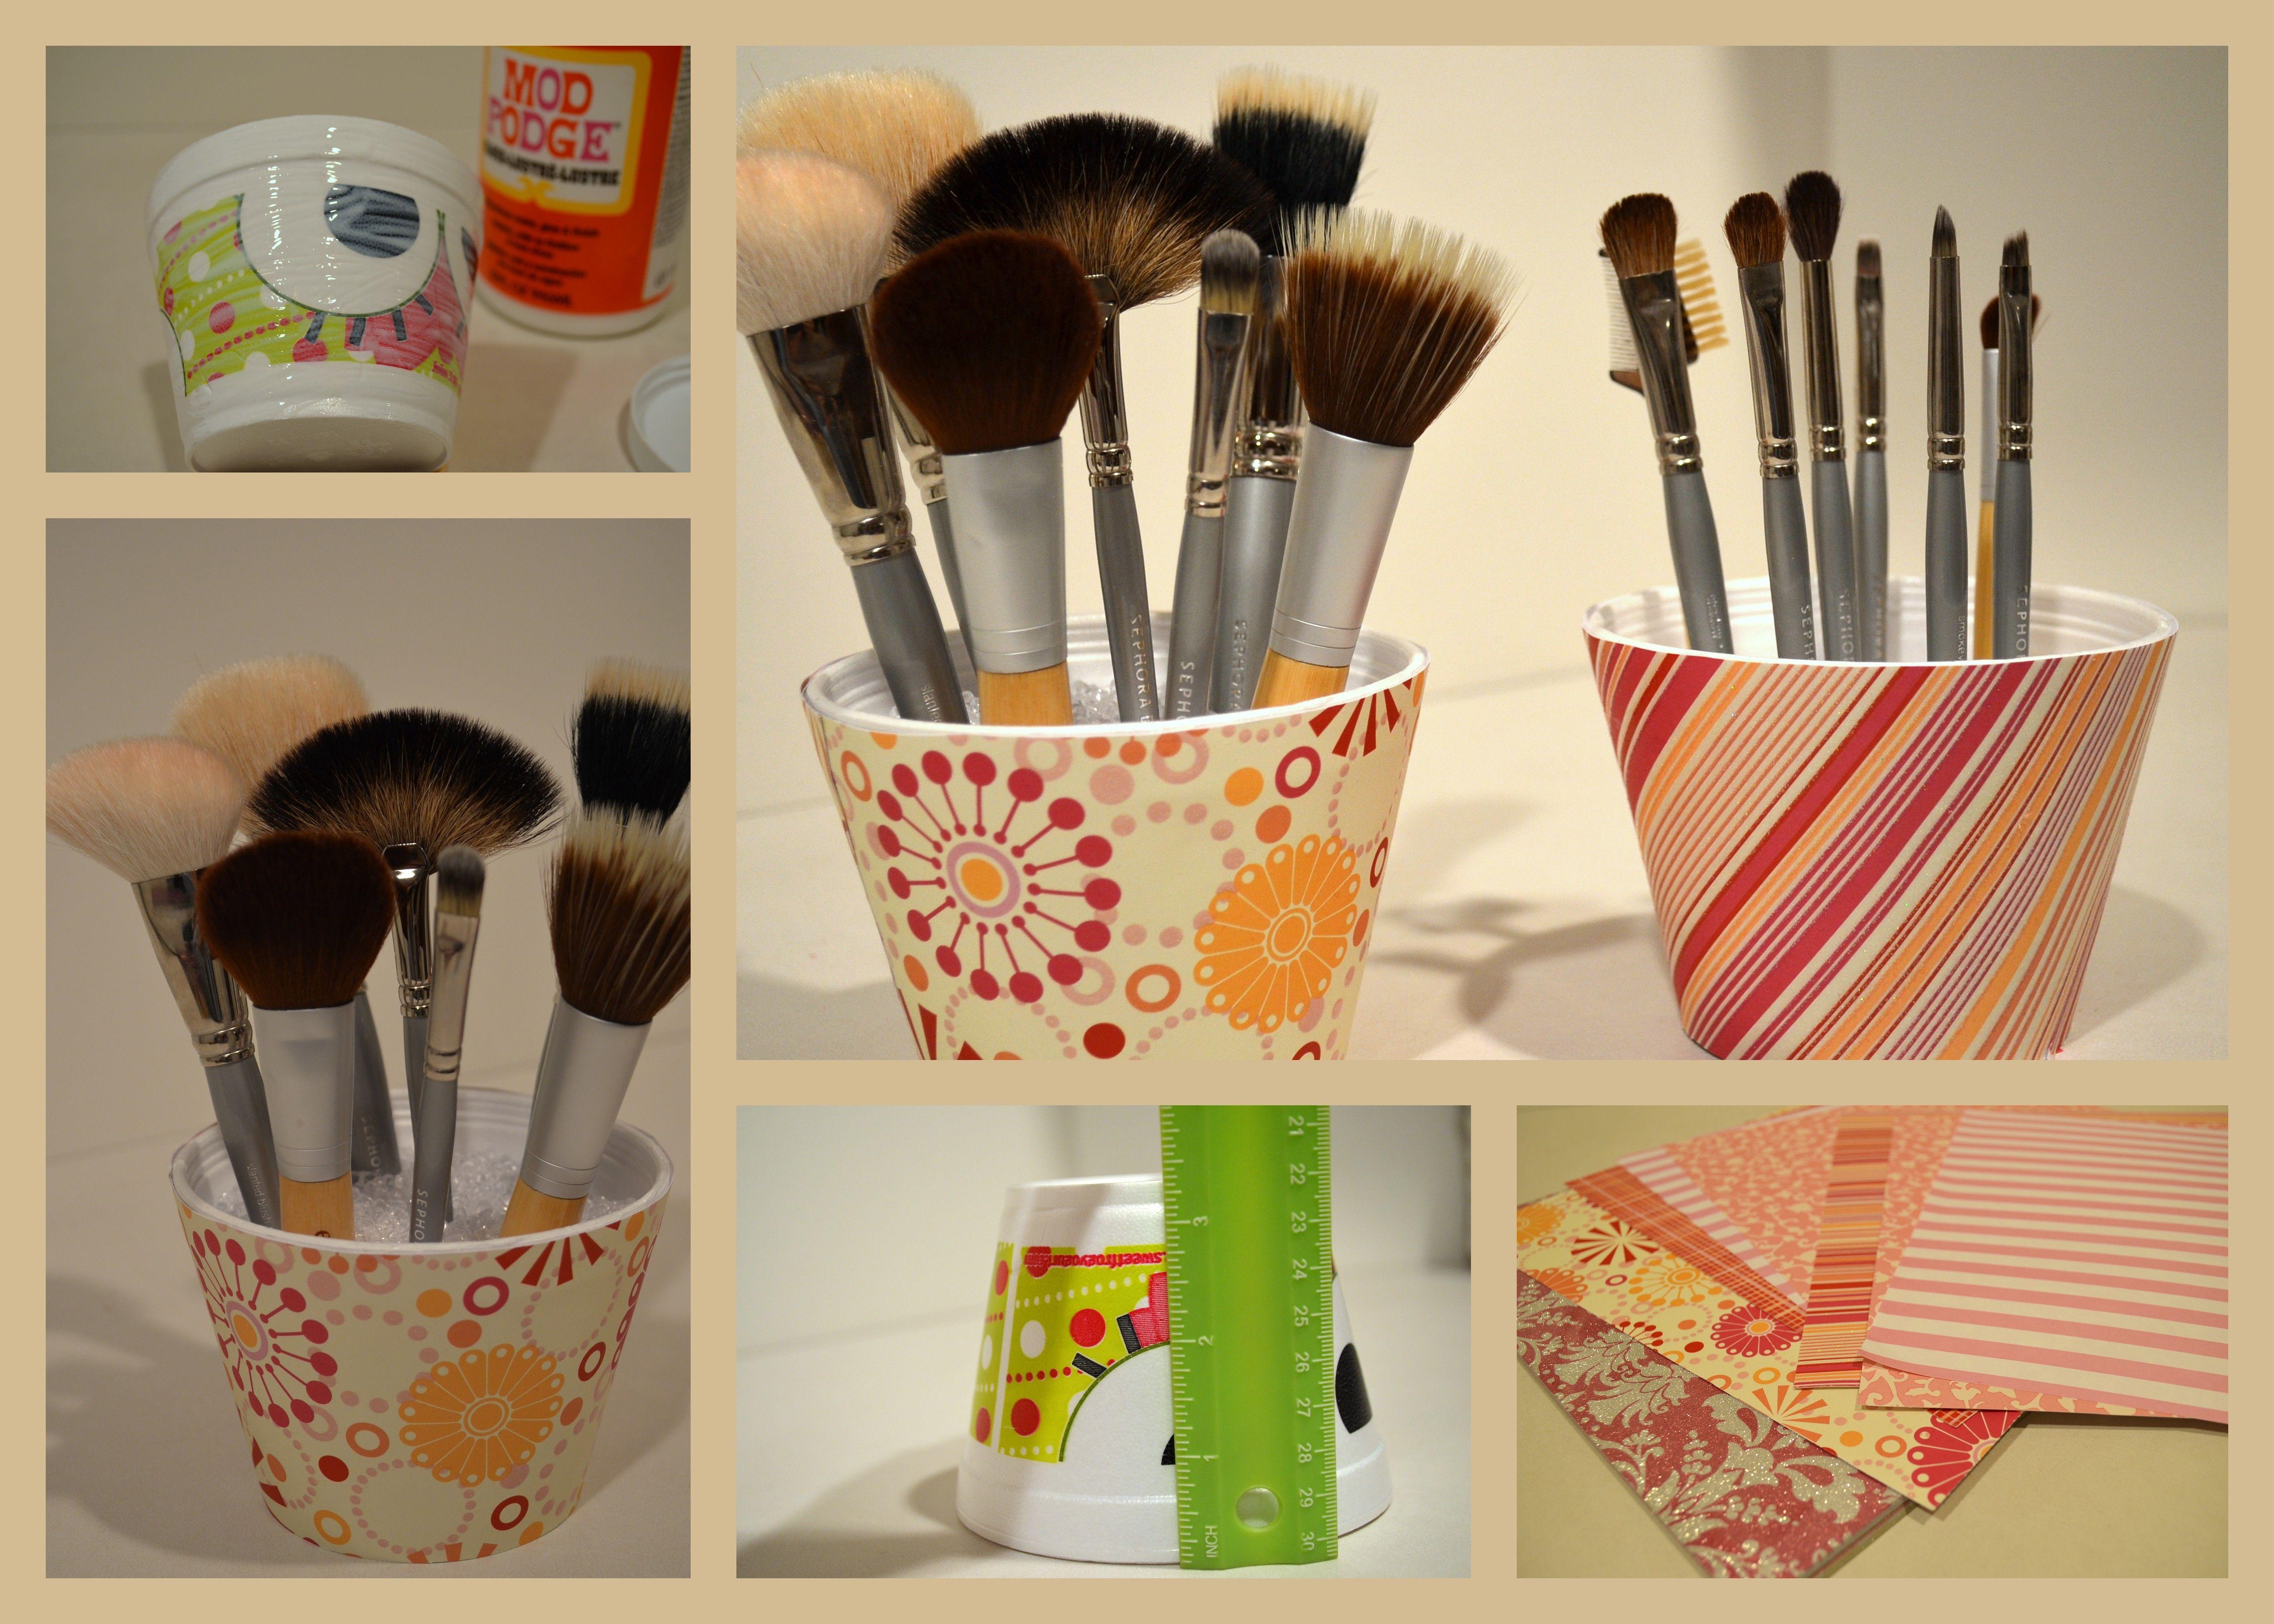 DIY Makeup Brush Holder Makeup organization, Diy makeup, Diy